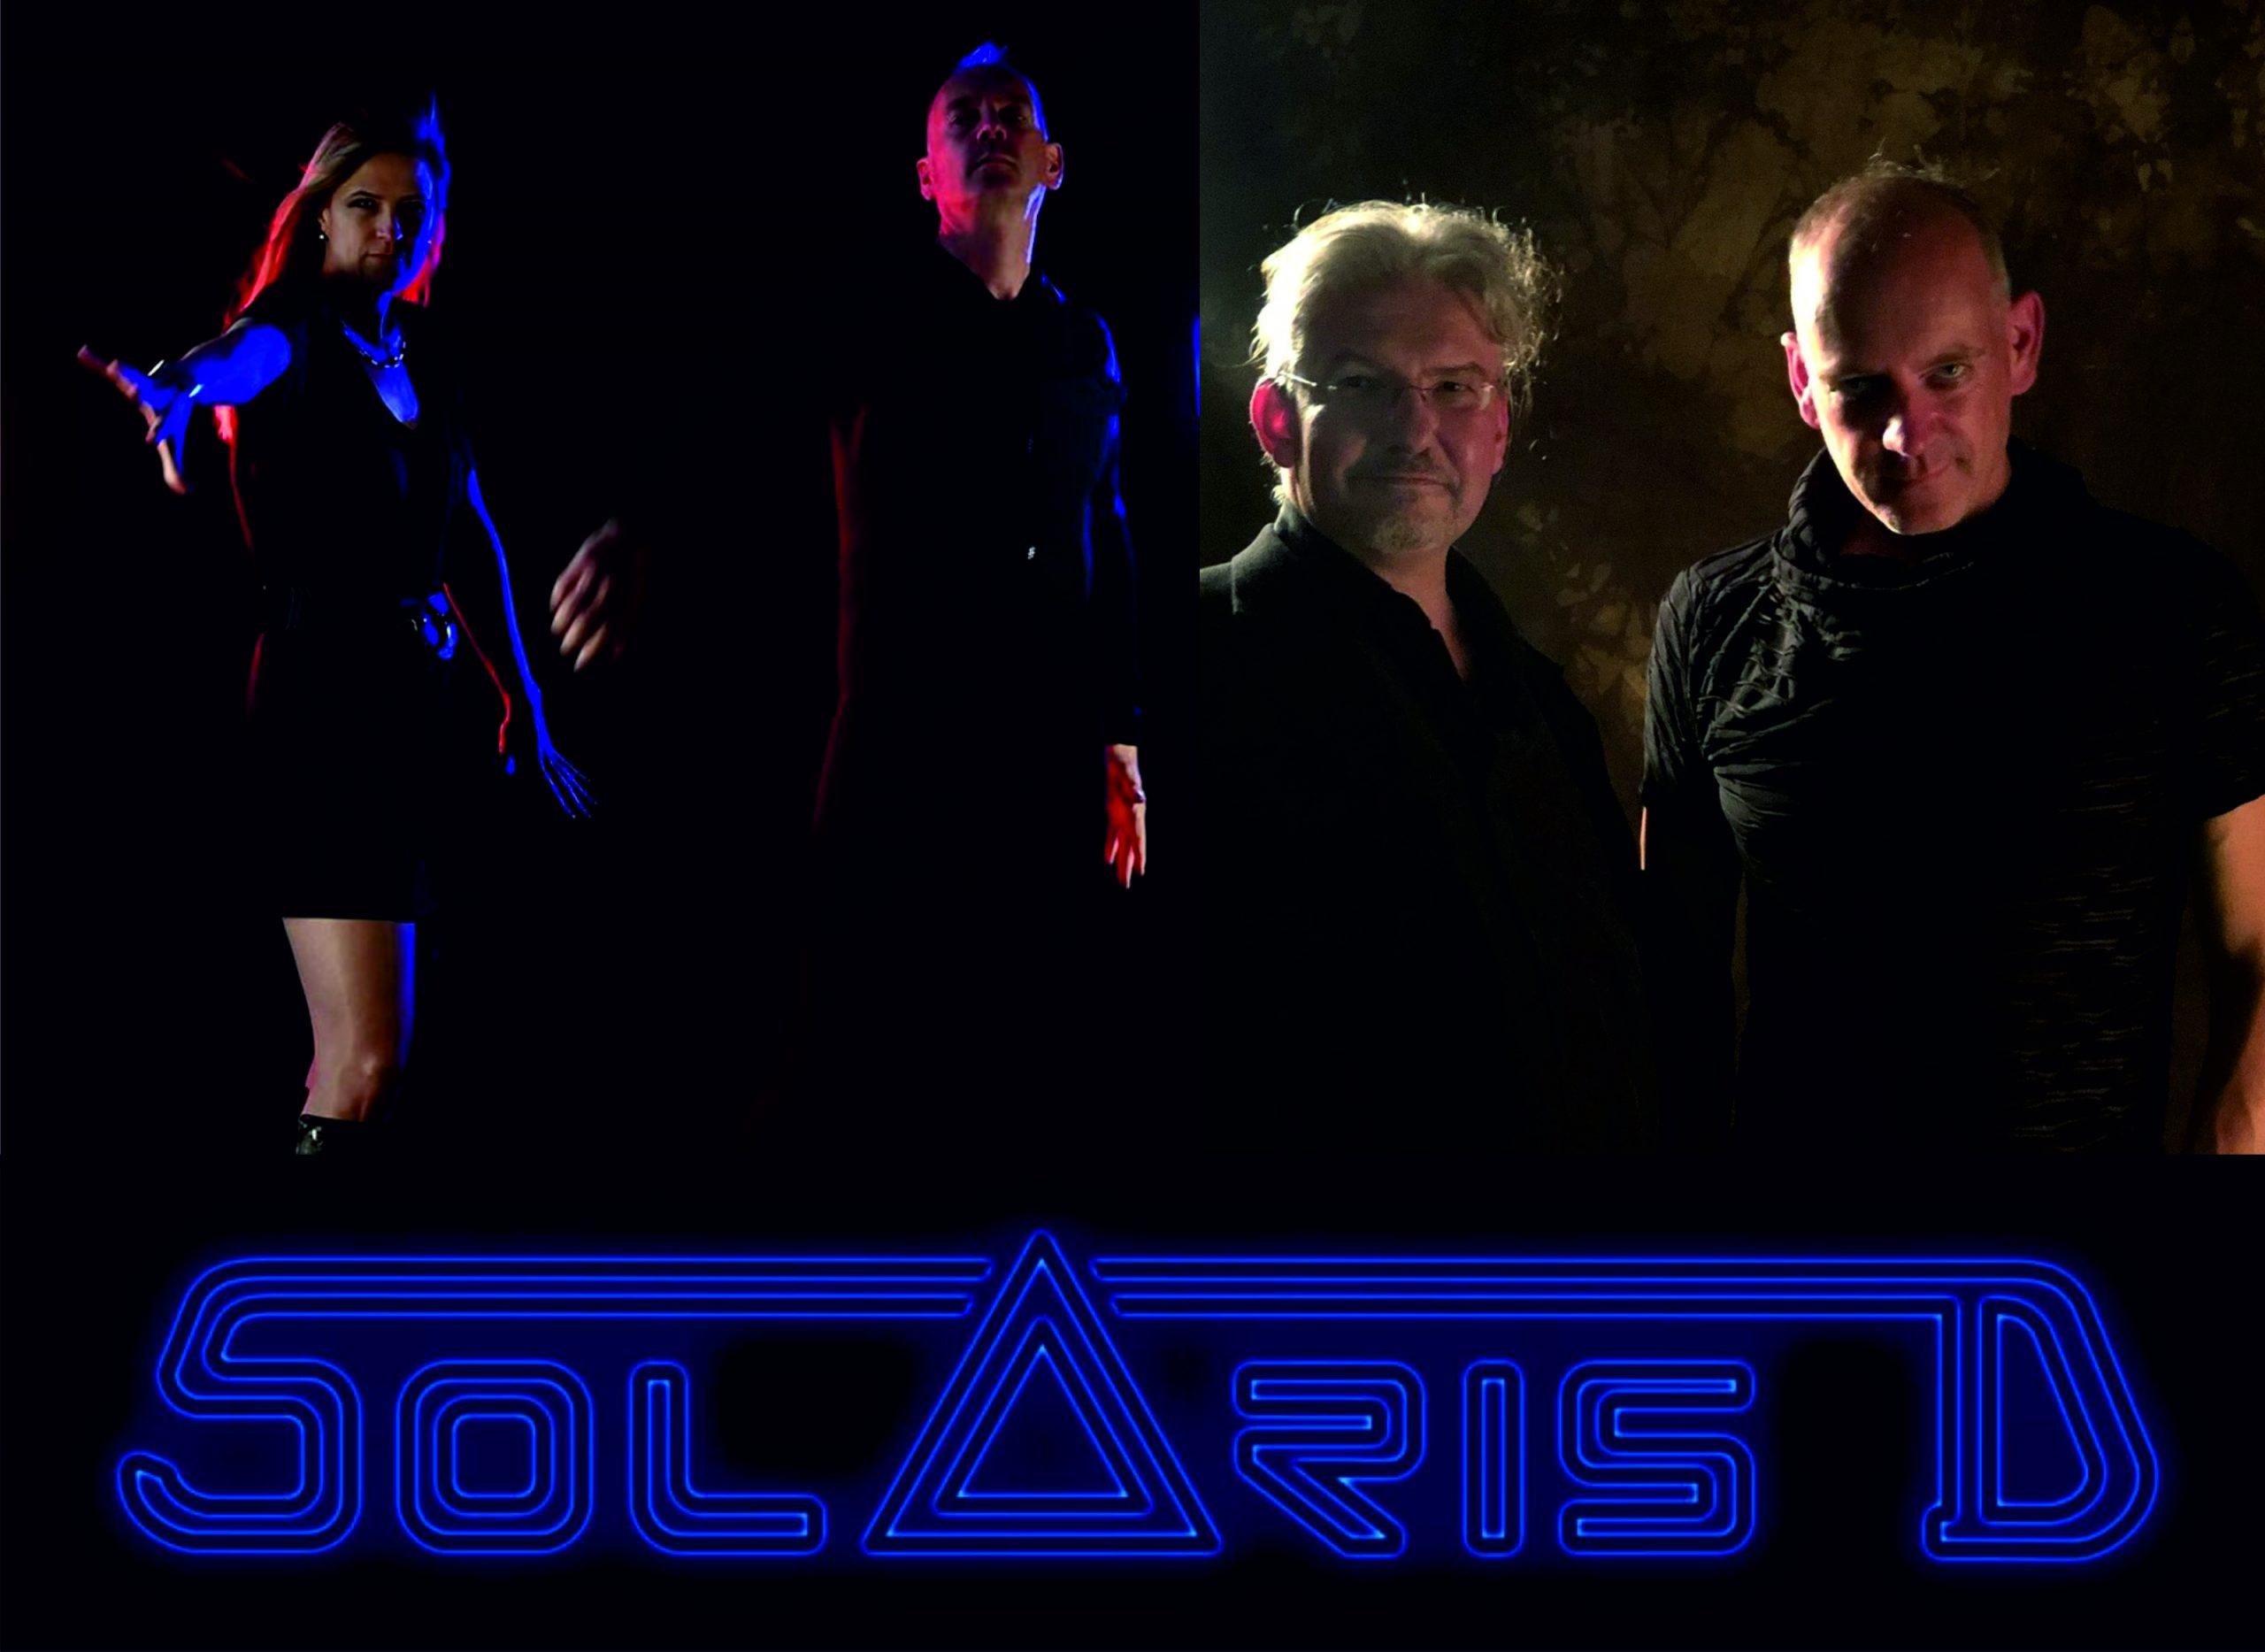 SolarisD